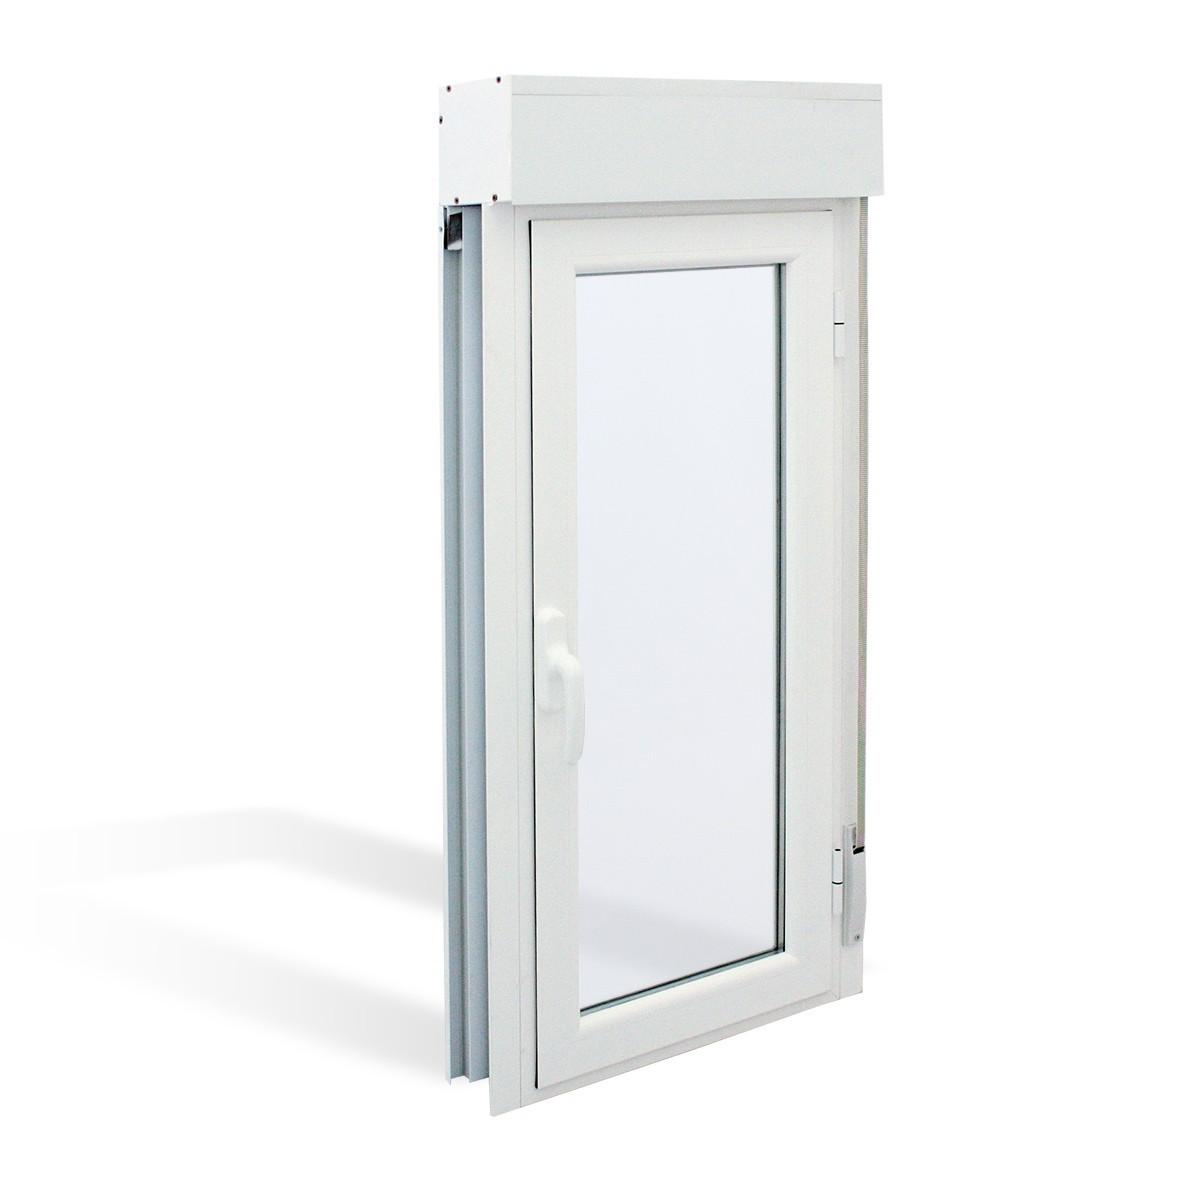 Precios de ventanas de aluminio fabricacion ventanas - Ventanas correderas precios ...